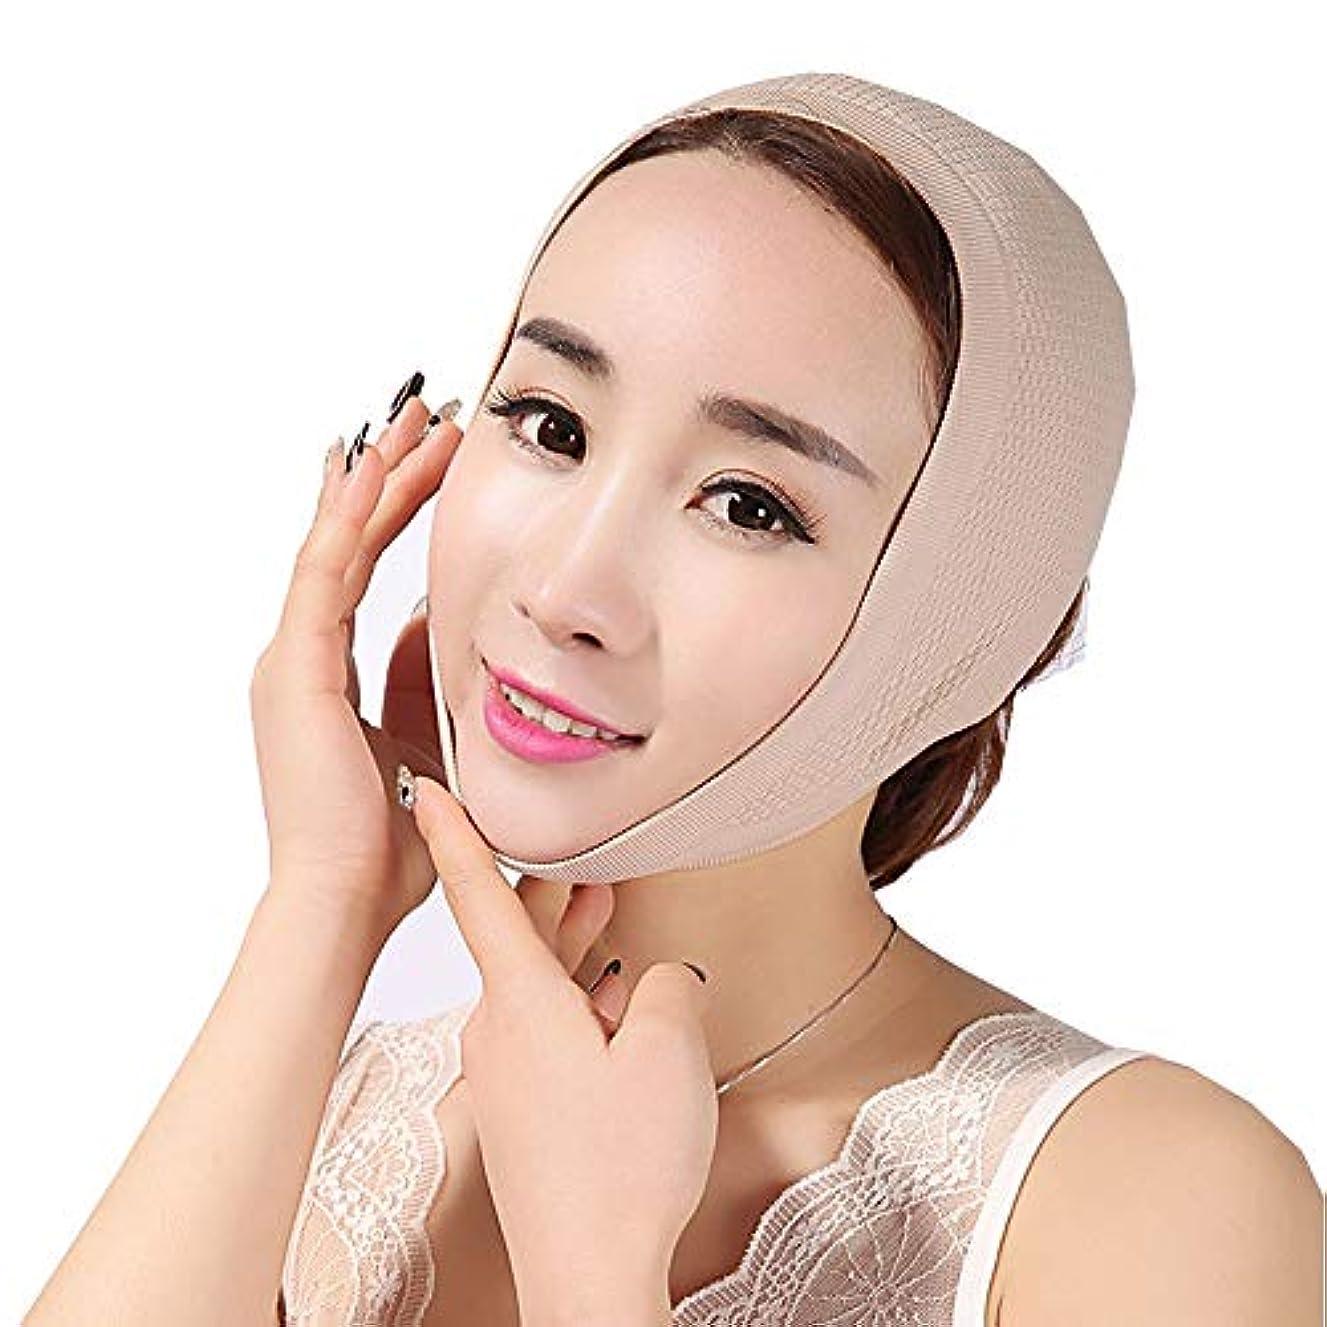 バスケットボール流行しているスリットGYZ フェイスマスクで眠る薄い顔フェイスリフトフェイスリフトアーティファクトスモールフェイスVフェイスリフト付きフェイスフェイス包帯引き上げジョーセット Thin Face Belt